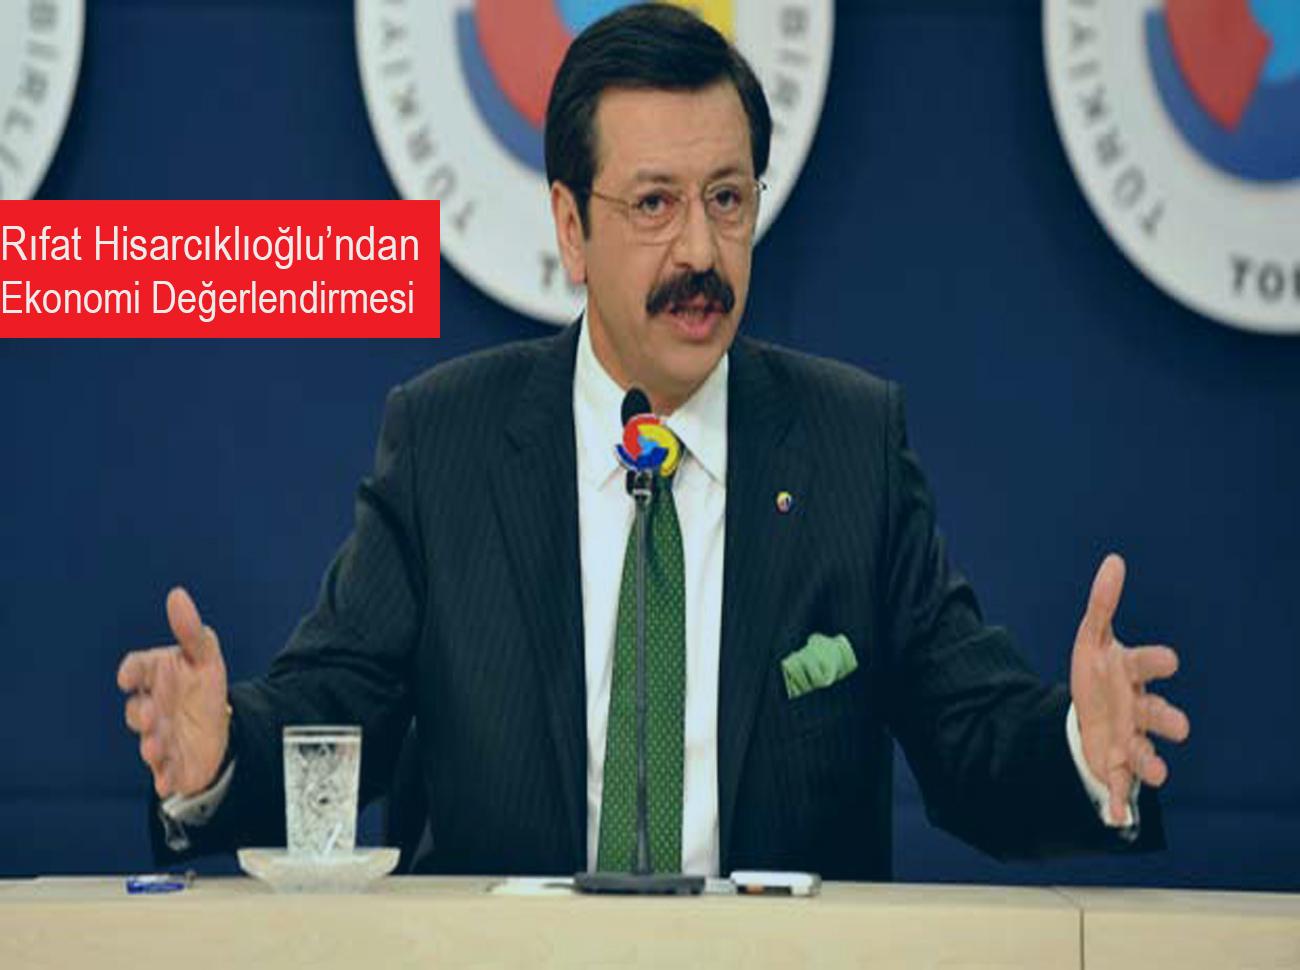 Başkanı Rıfat Hisarcıklıoğlu Ekonomiyi Değerlendirdi